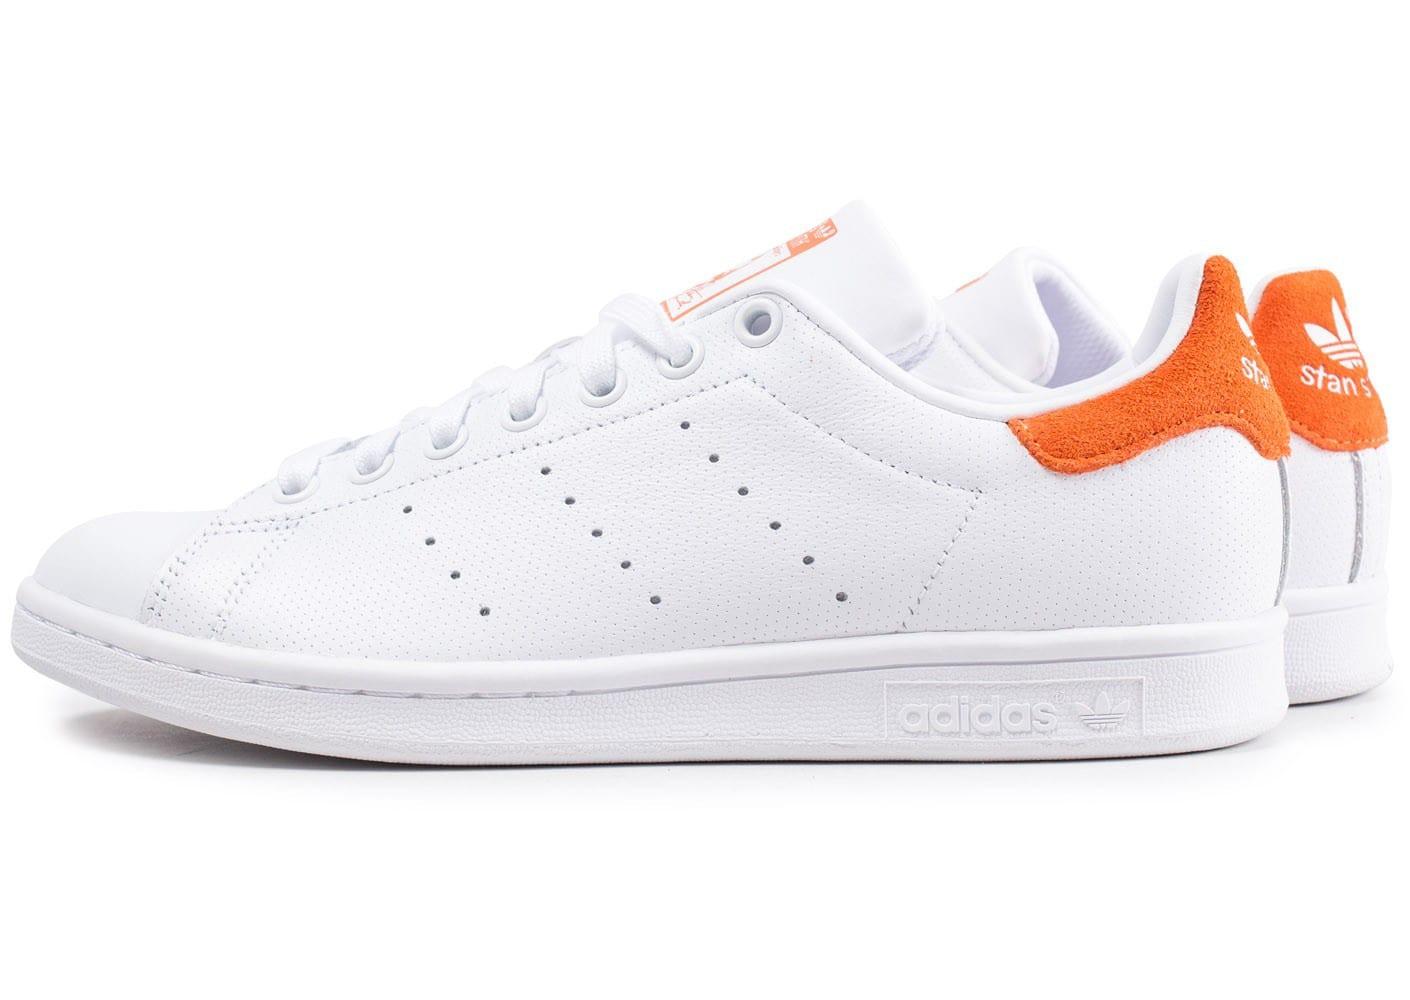 8c8ba91380c8 Acheter adidas baskets cuir stan smith 2 homme original pas cher ici en  ligne avec le prix le plus bas possible. Remises spéciales sur les  nouvelles offres ...